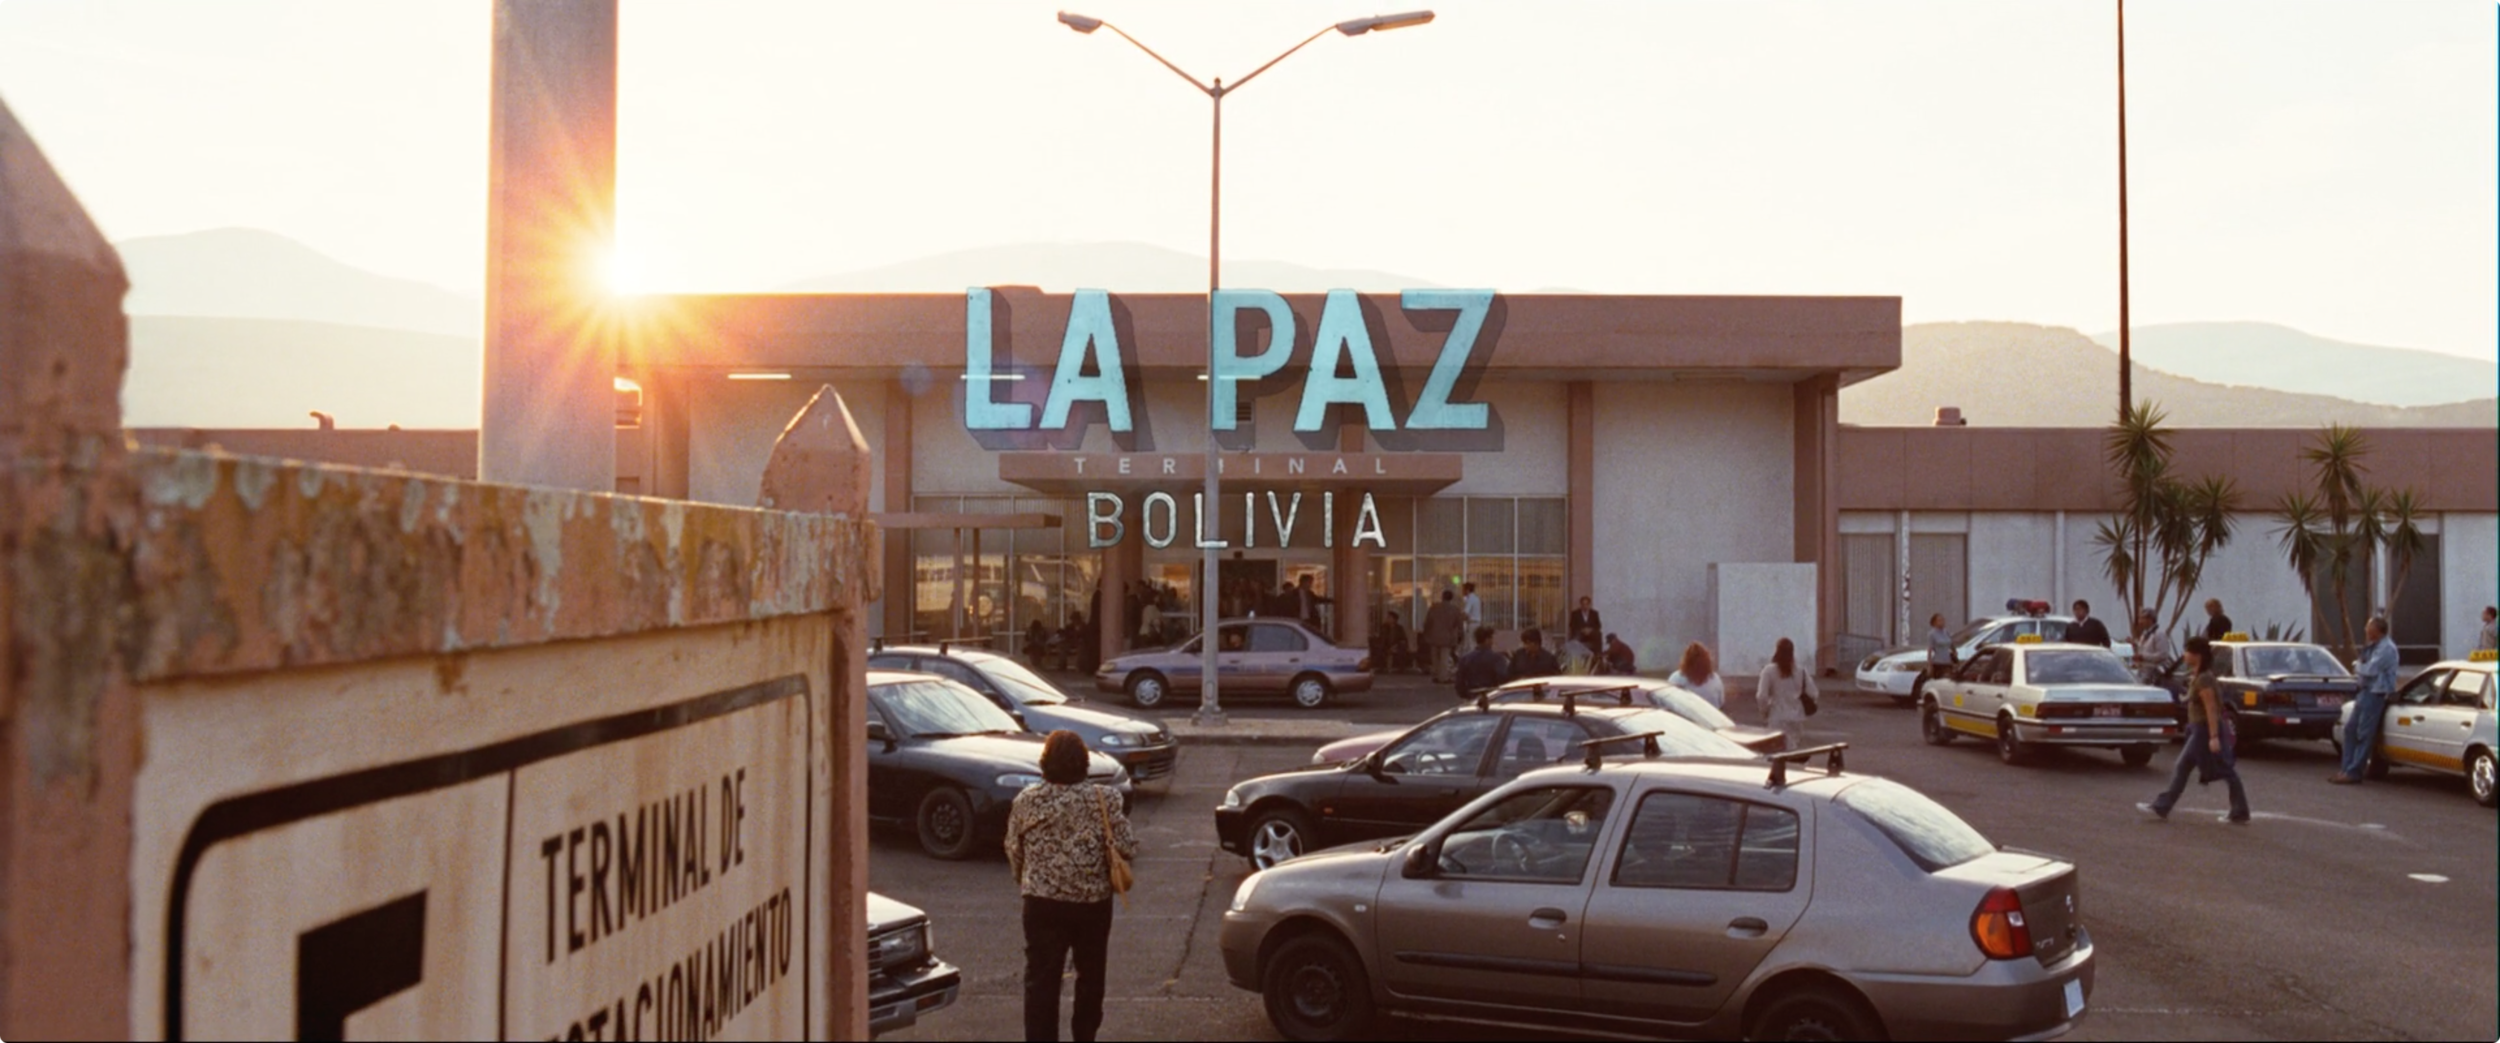 QOS-La-Paz-Bolivia.png